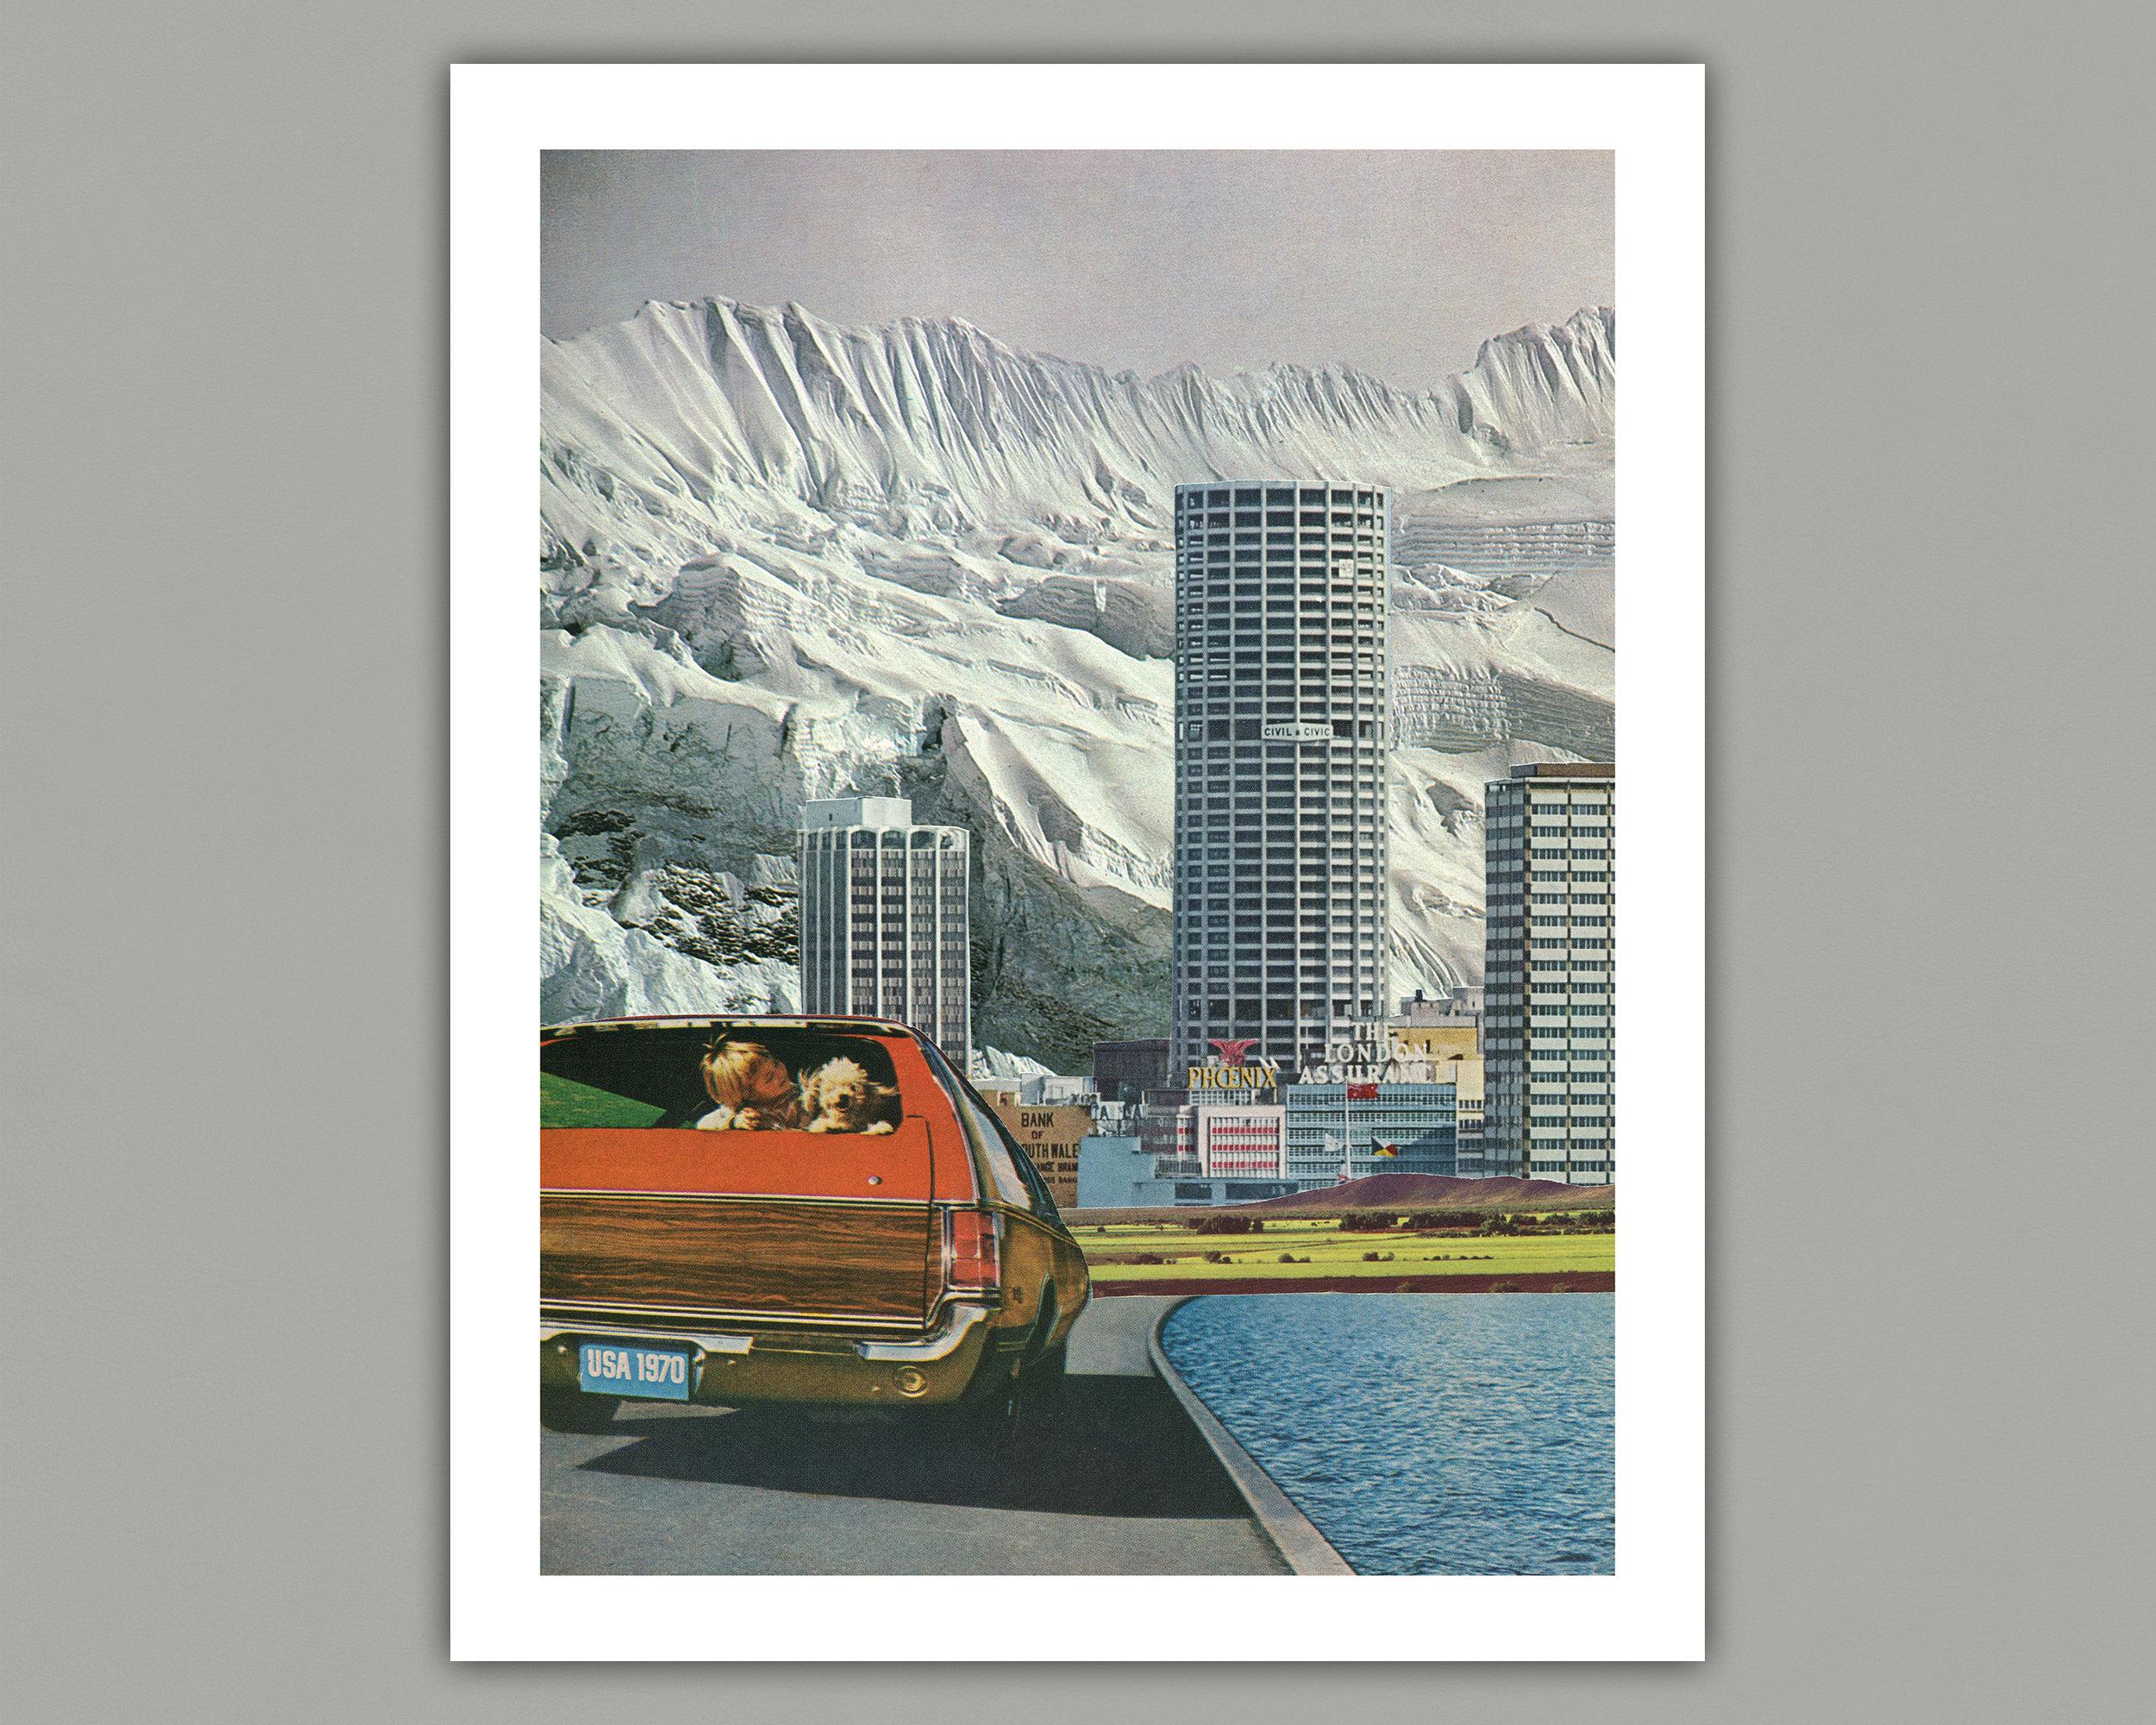 USA 1970